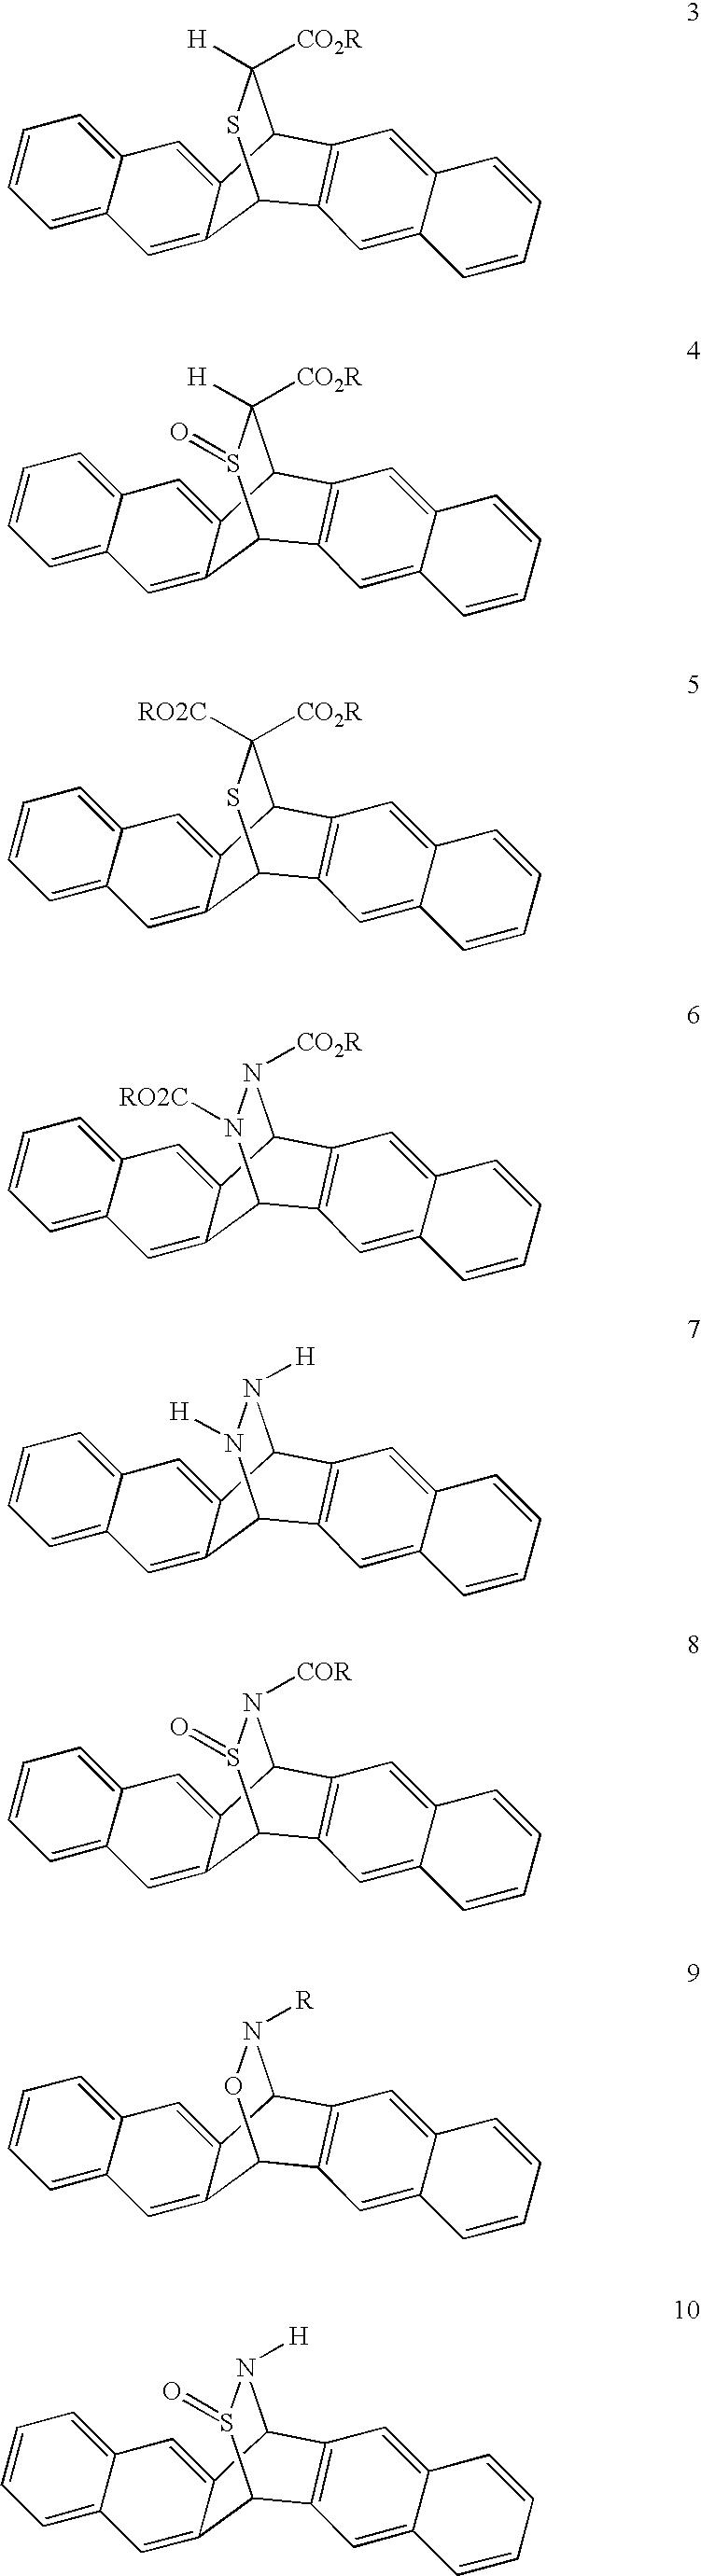 Figure US20040183070A1-20040923-C00004